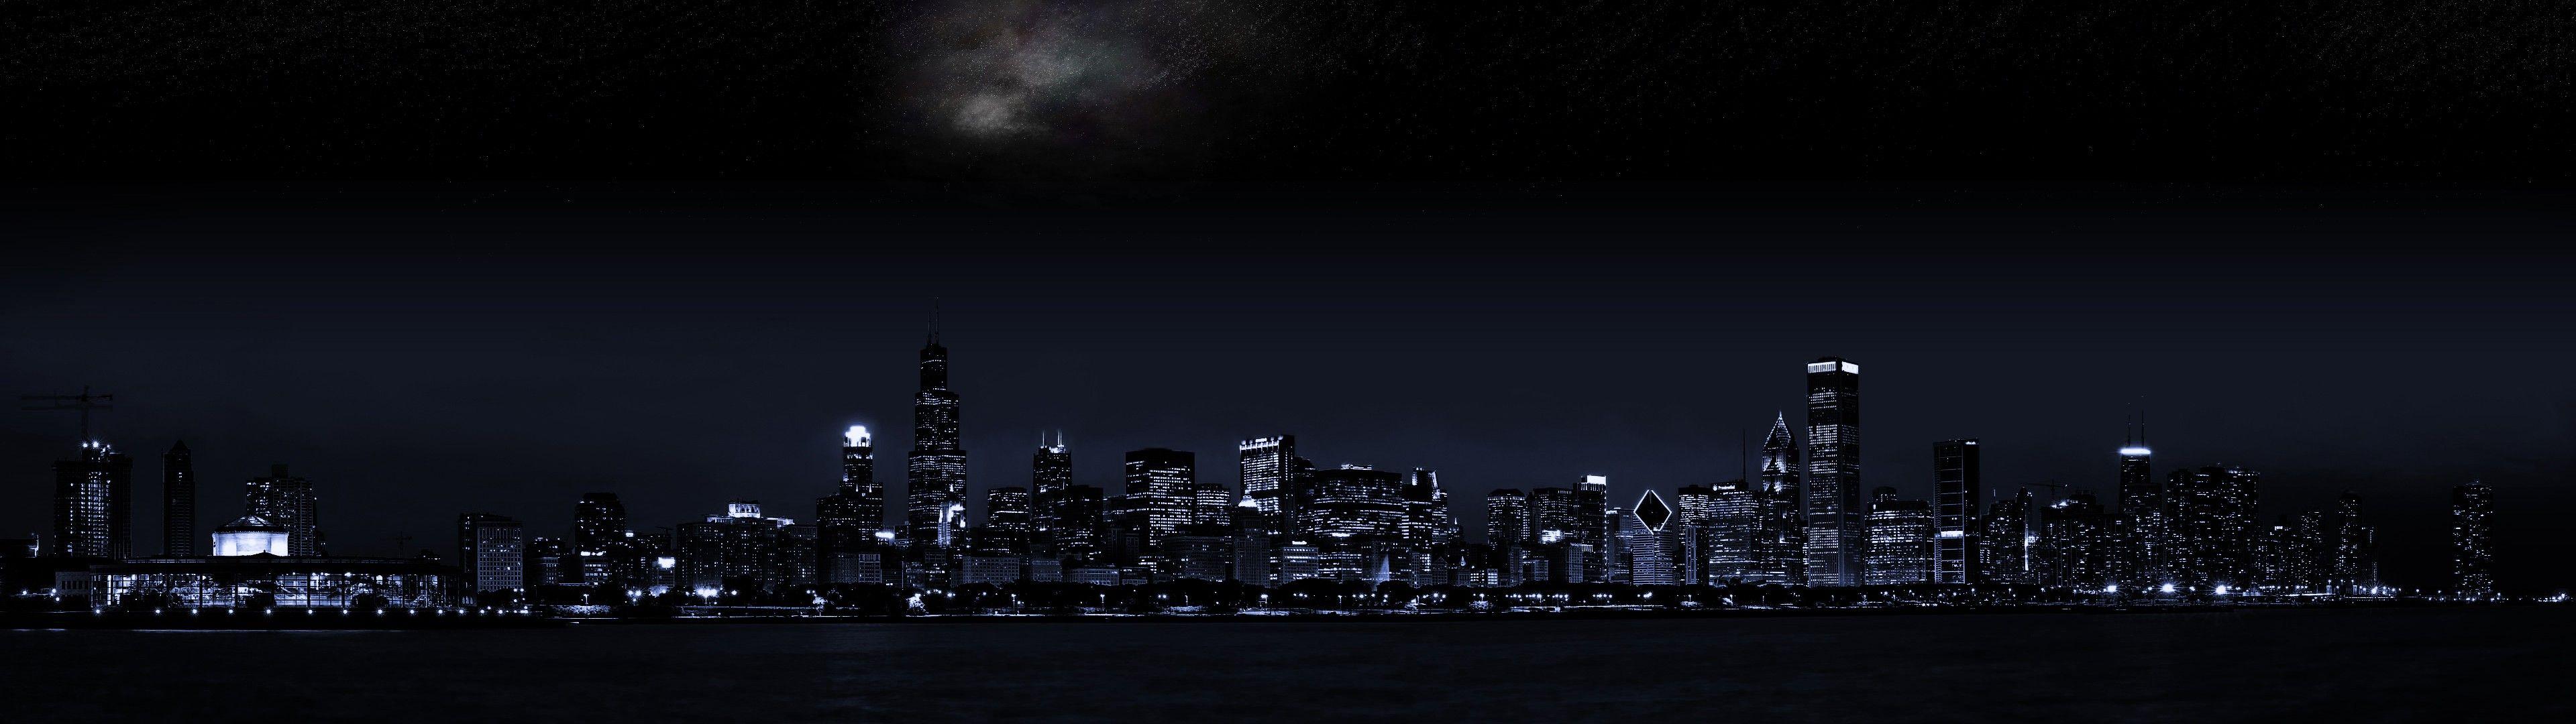 Cityscape Dark Night City Wallpaper Dual Monitor